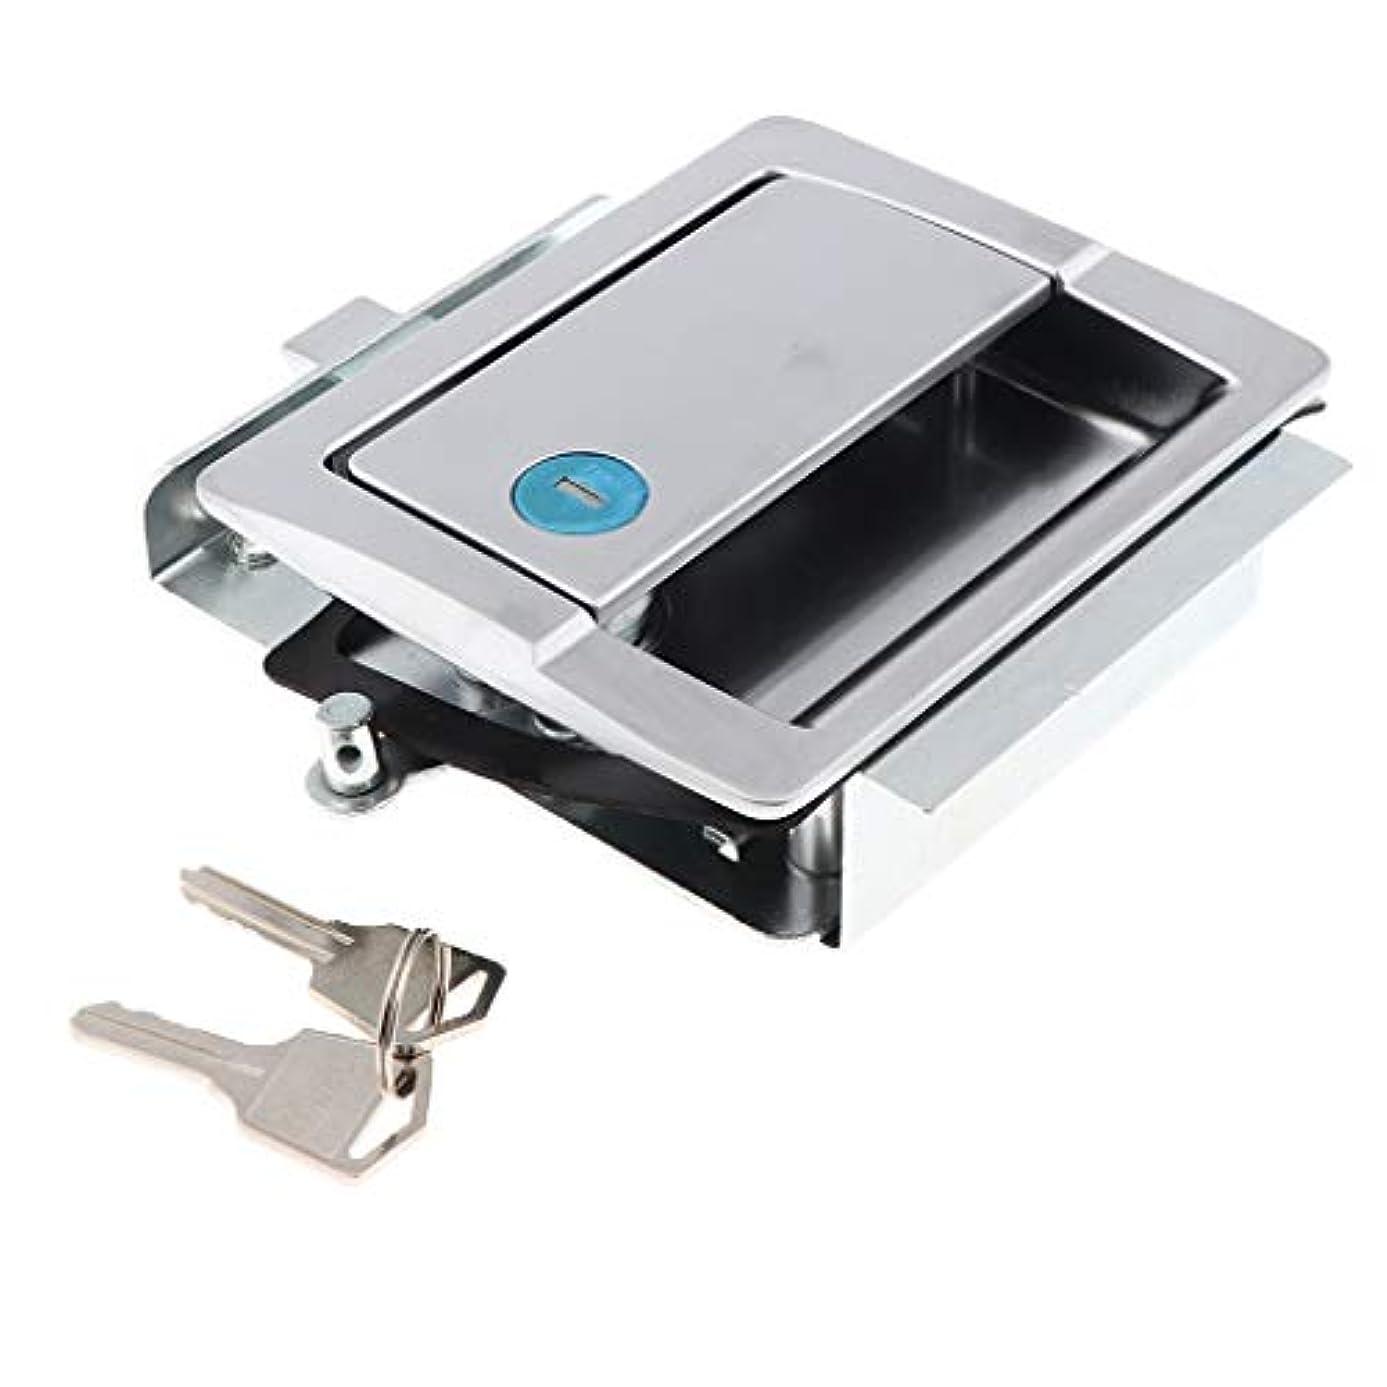 きしむ静かな希少性KESOTO ハンドルドアロック ロック ドア キャビネット 亜鉛合金 取り付け簡単 耐久性